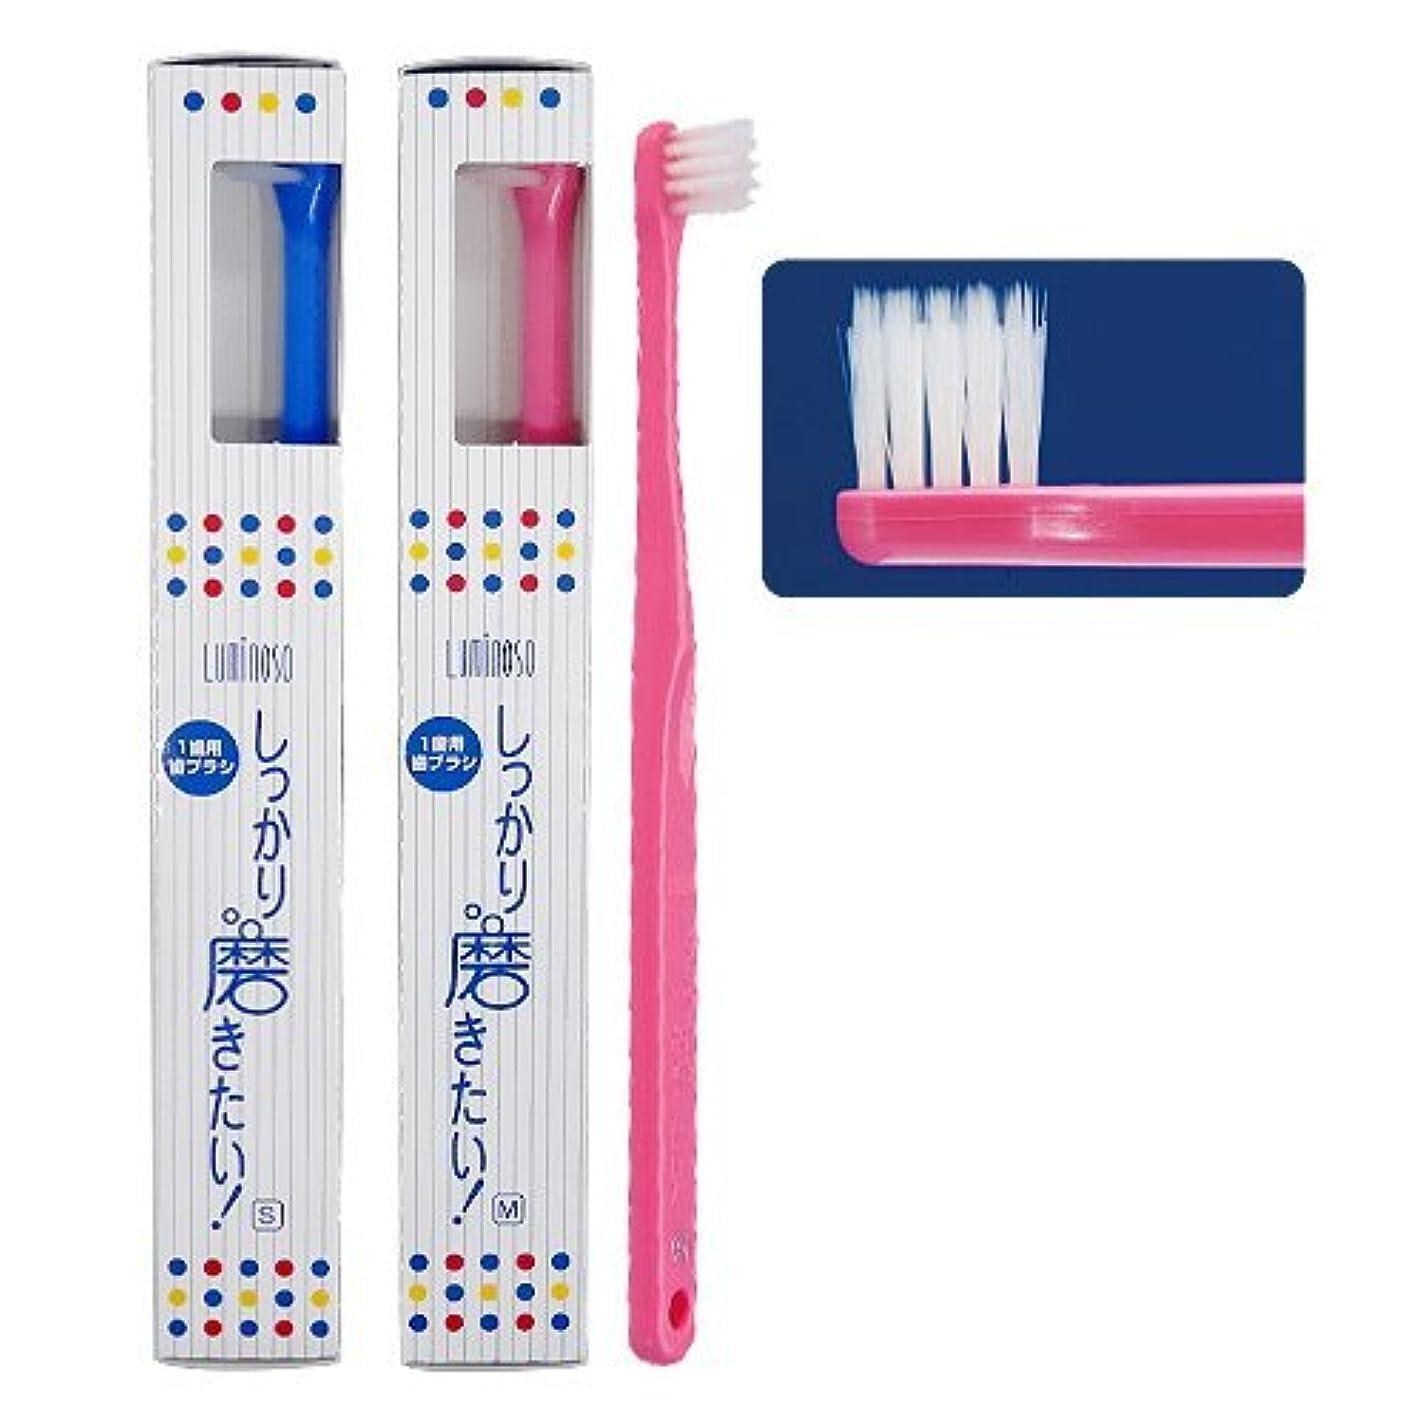 ジャグリング企業脚本ルミノソ 1歯用歯ブラシ「しっかり磨きたい!」スタンダード ソフト (カラー指定不可) 10本